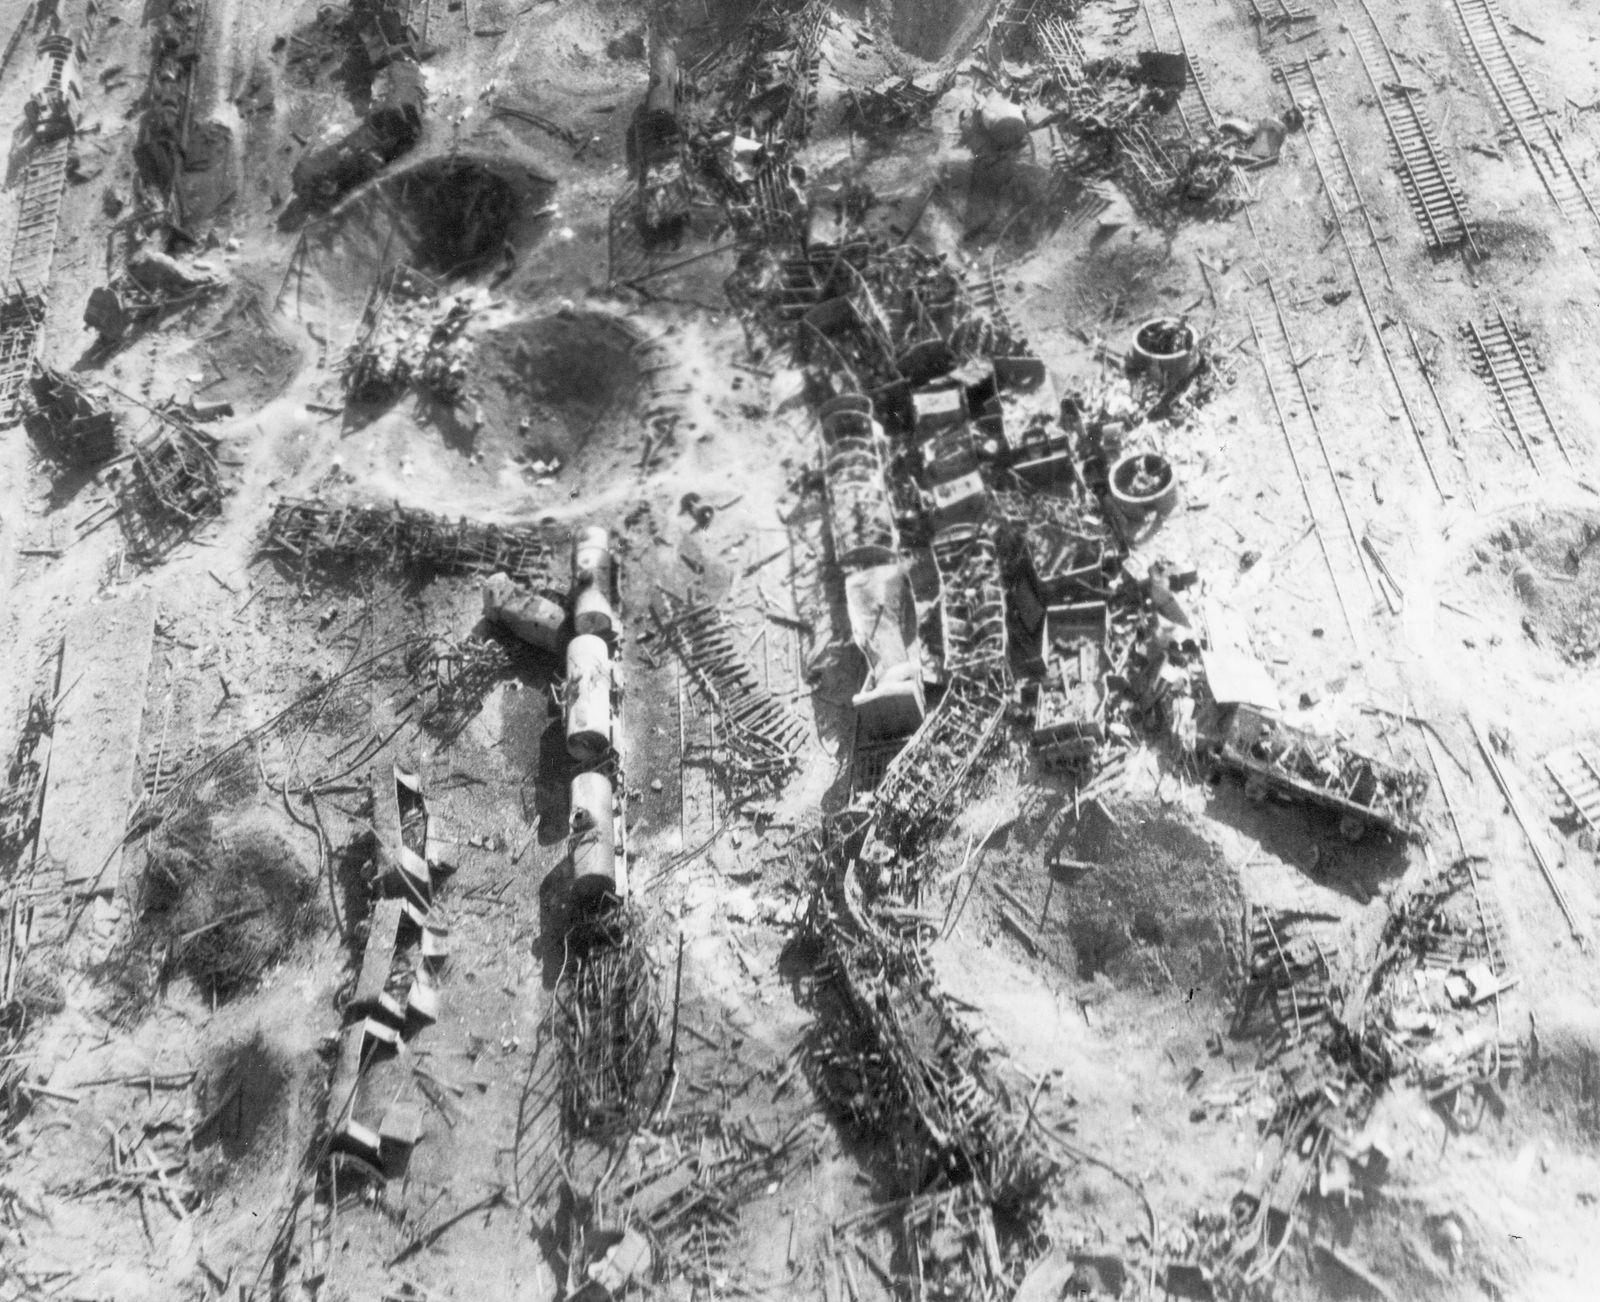 Bahnanlagen des Güterbahnhofs in Celle nach einem Luftangriff